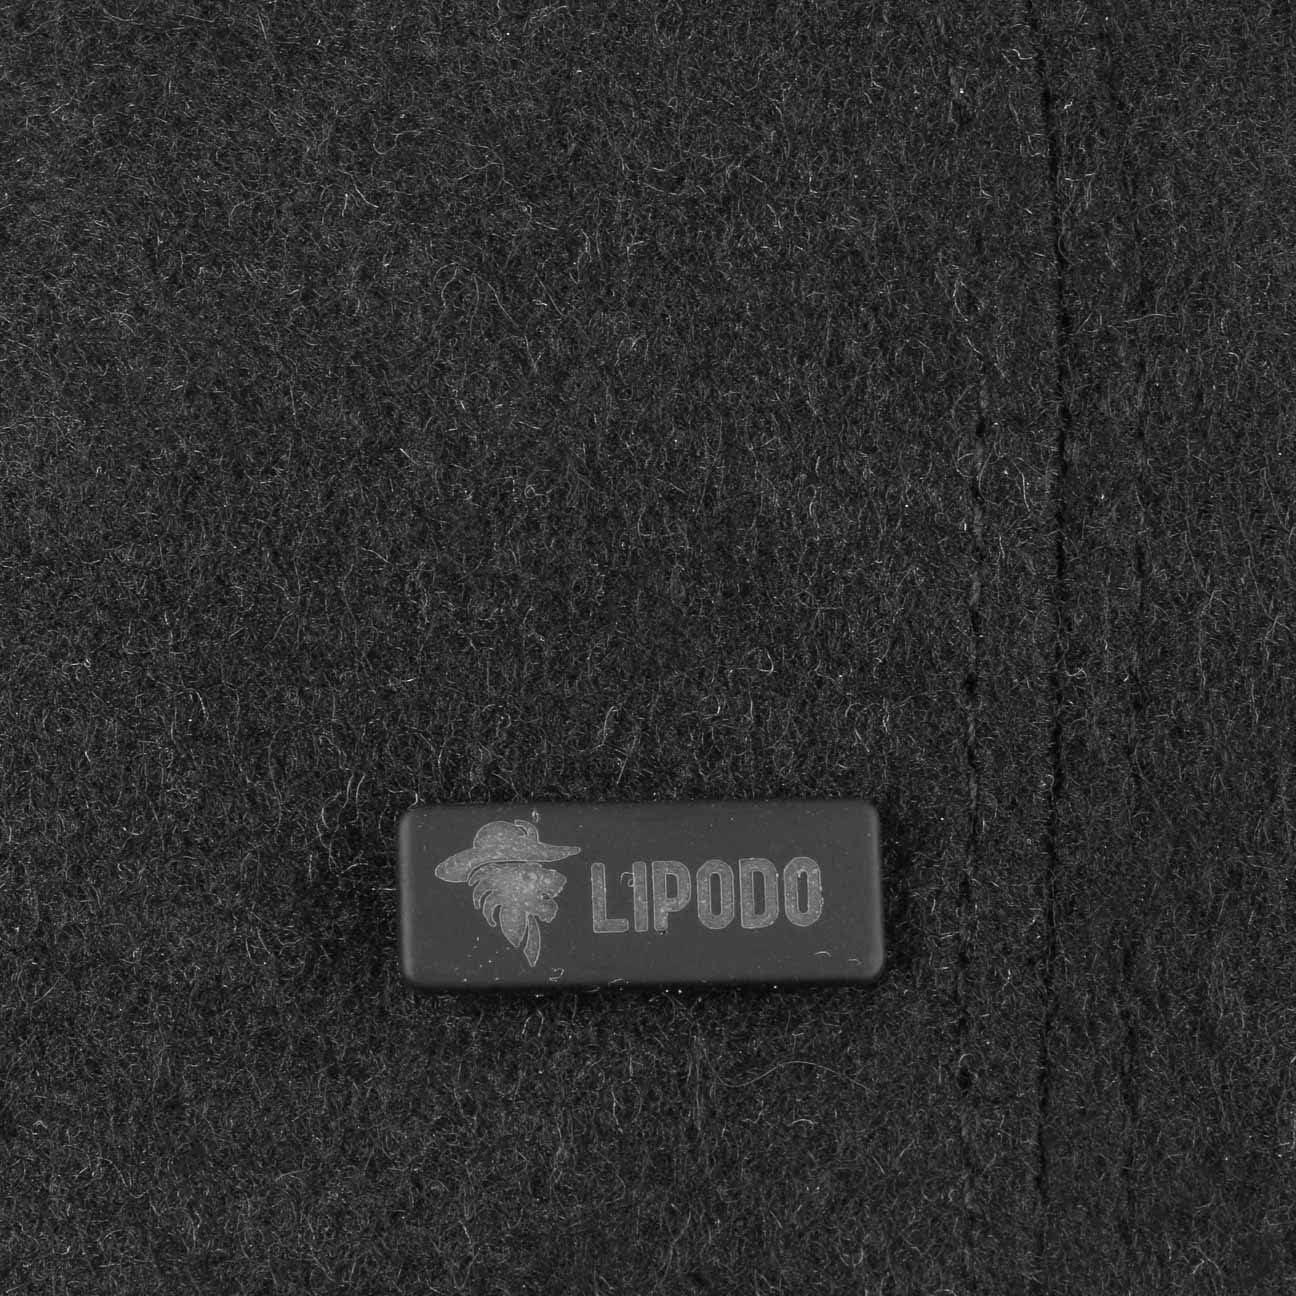 Berretto Sportivo l/'Inverno Berretto Piatto con Visiera Taglie 56 cm Nero Lipodo Coppola Sportiva Marrone Coppola per Lui e per Lei